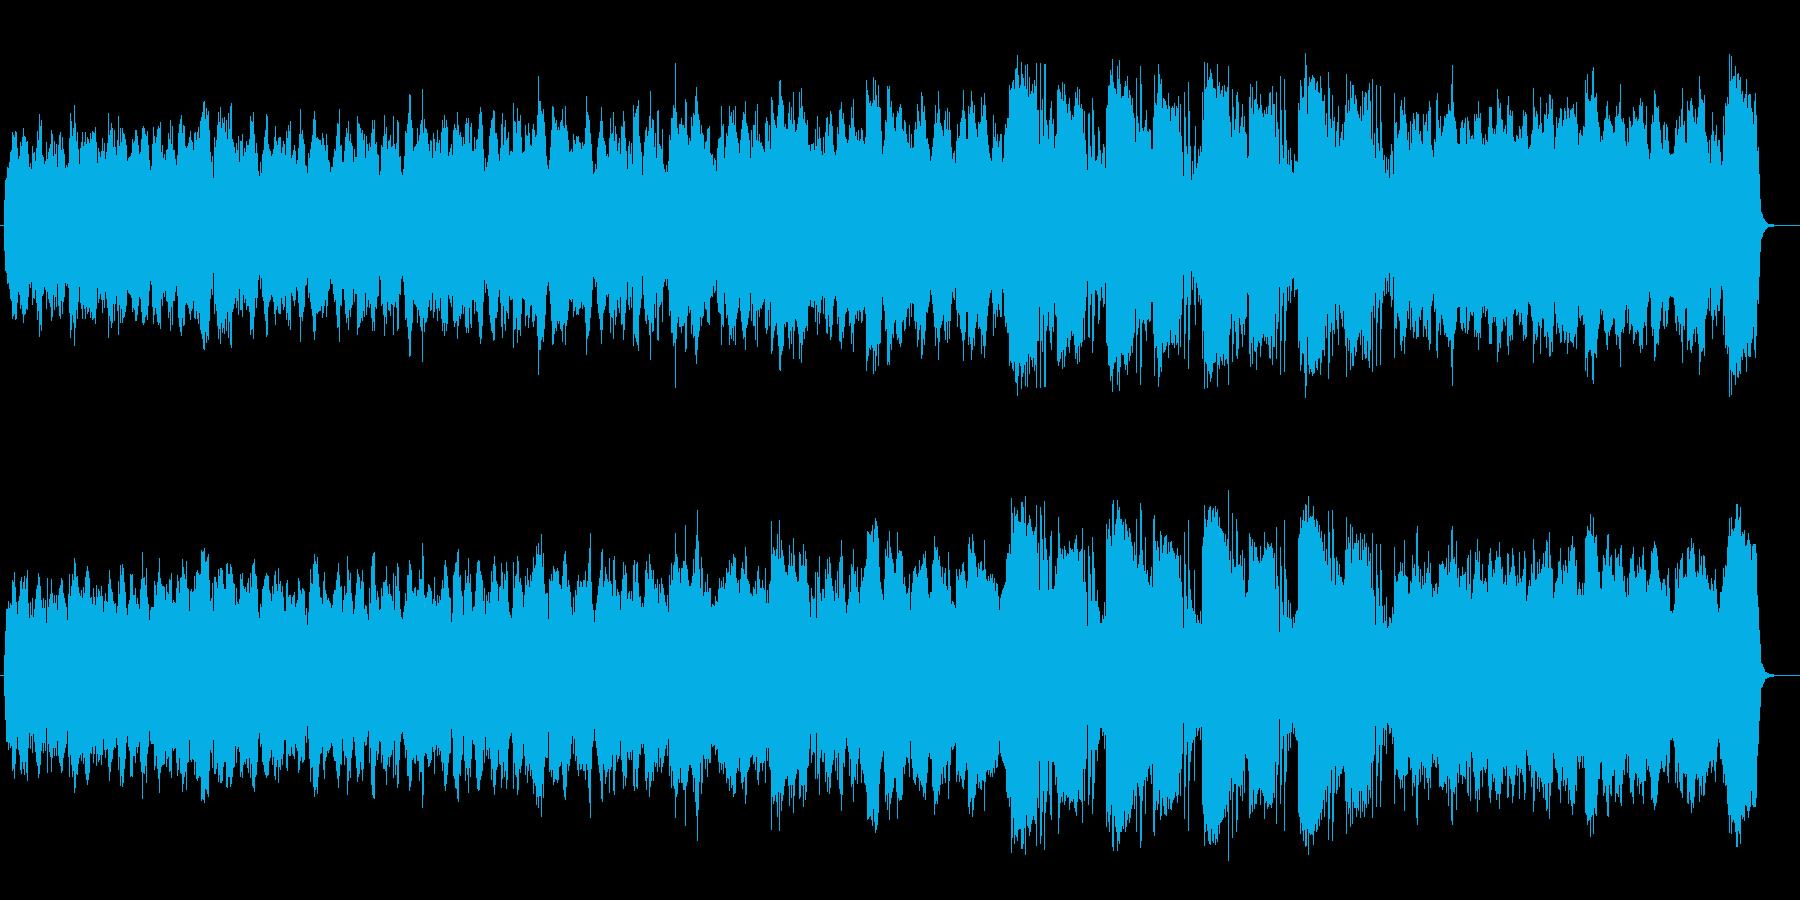 知的なサイエンスティックミュージックの再生済みの波形